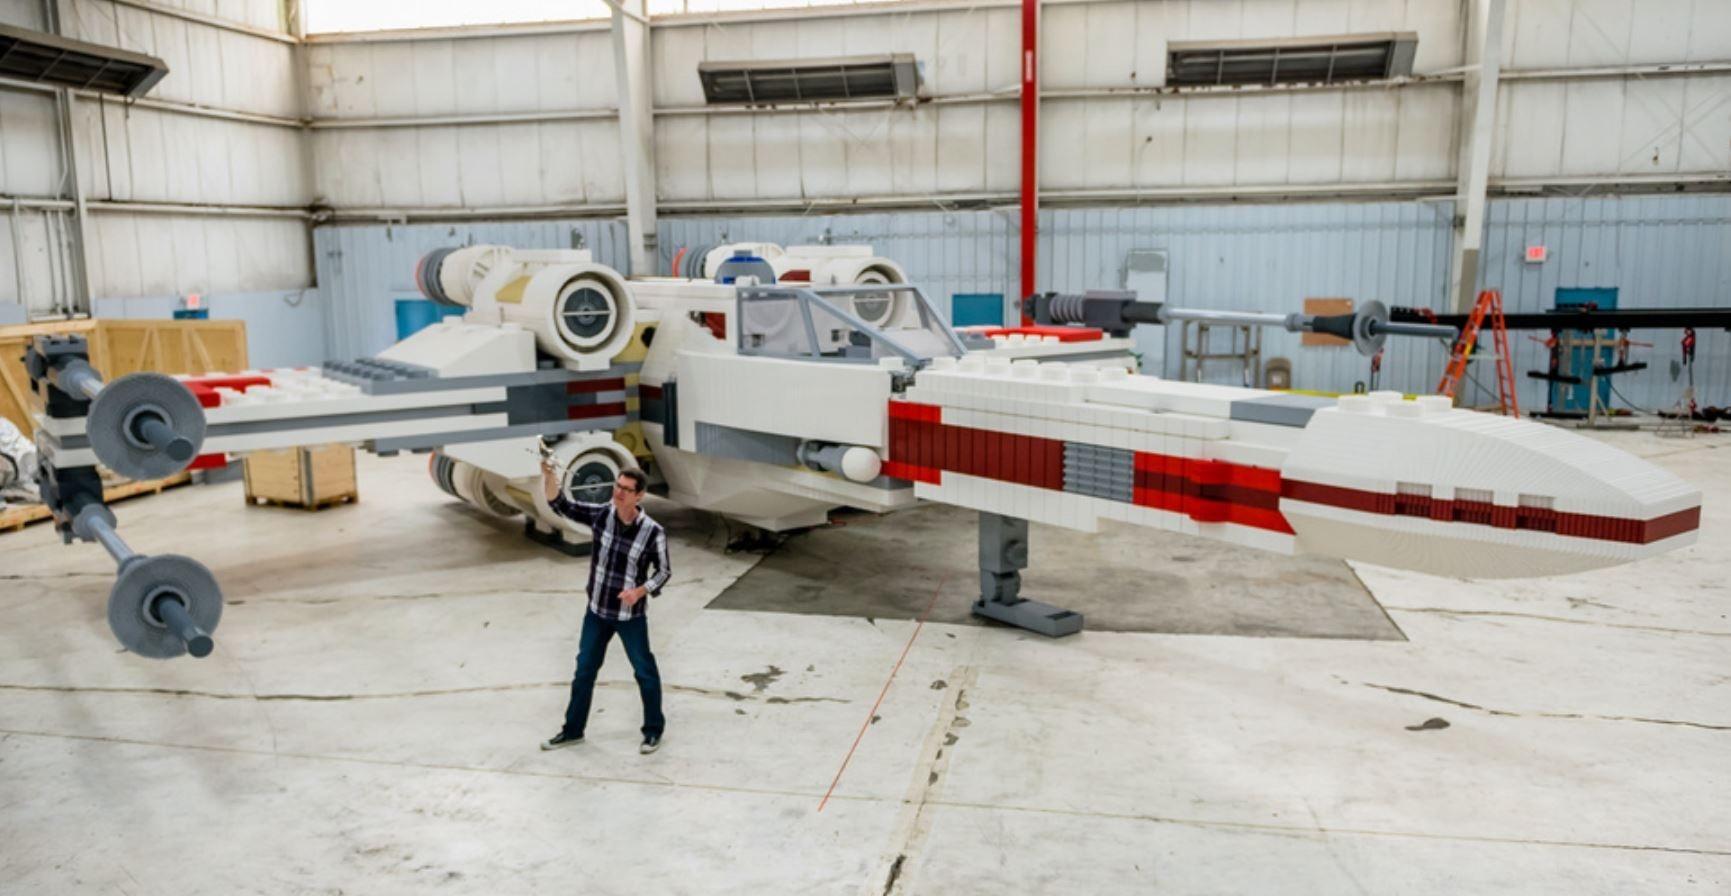 ob_f8f81c_x-fighter-lego-star-wars